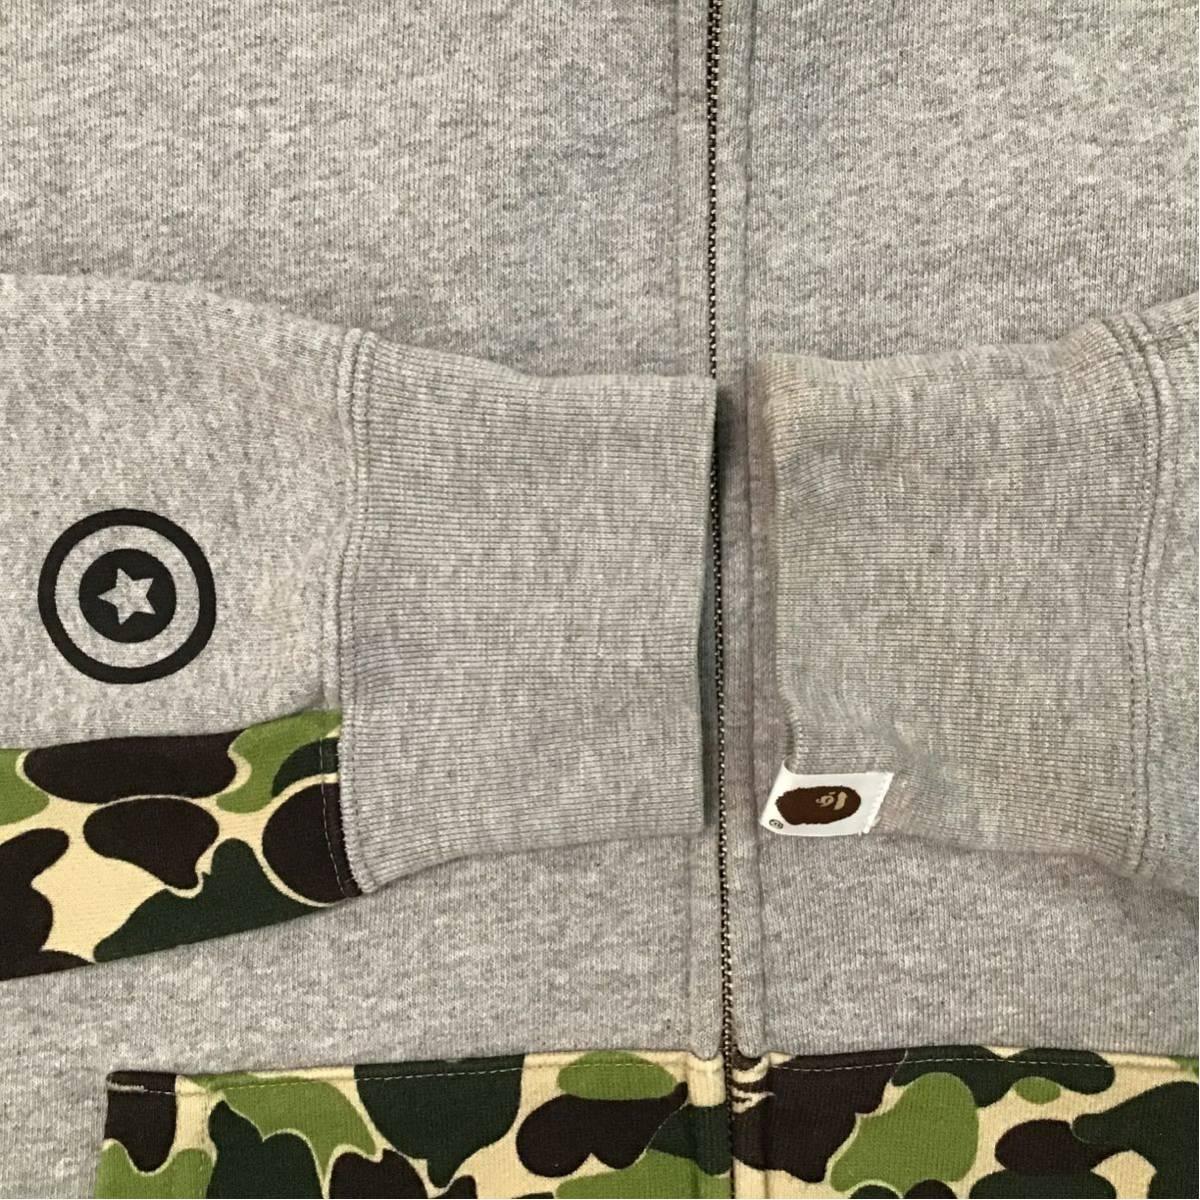 ★激レア★ NW20周年記念 ABC camo シャーク パーカー Lサイズ shark full zip hoodie a bathing ape bape エイプ ベイプ 迷彩 NIGO cb5